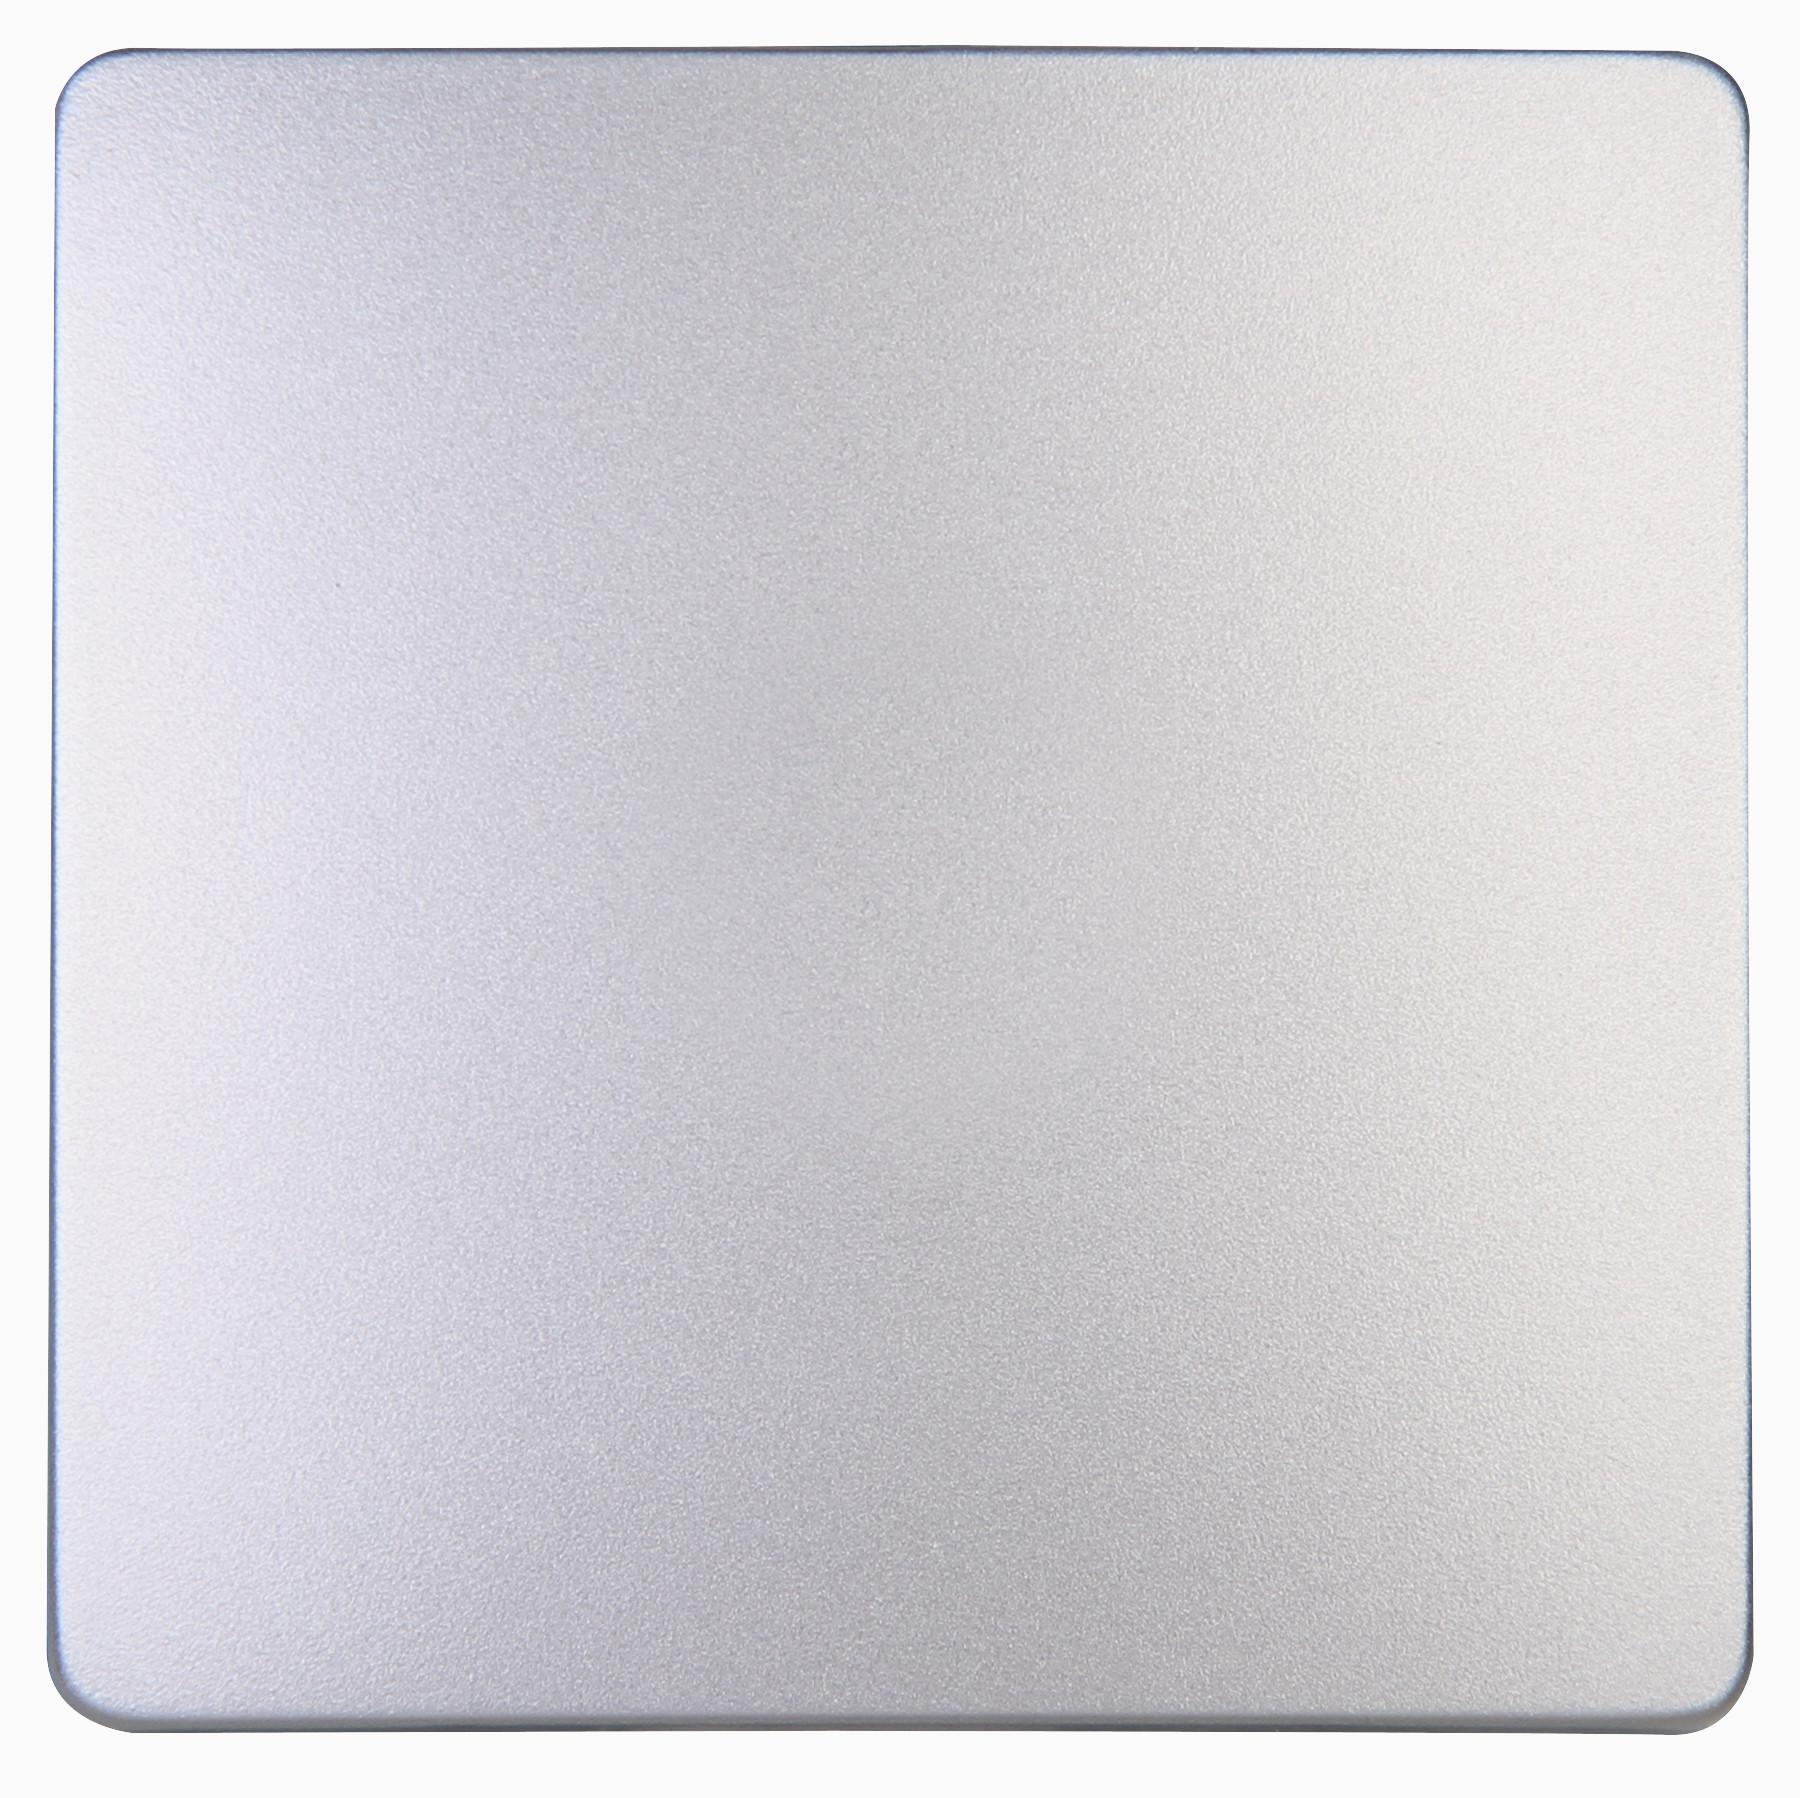 Kopp HK05 bedieningswip 1-voudig - zilver